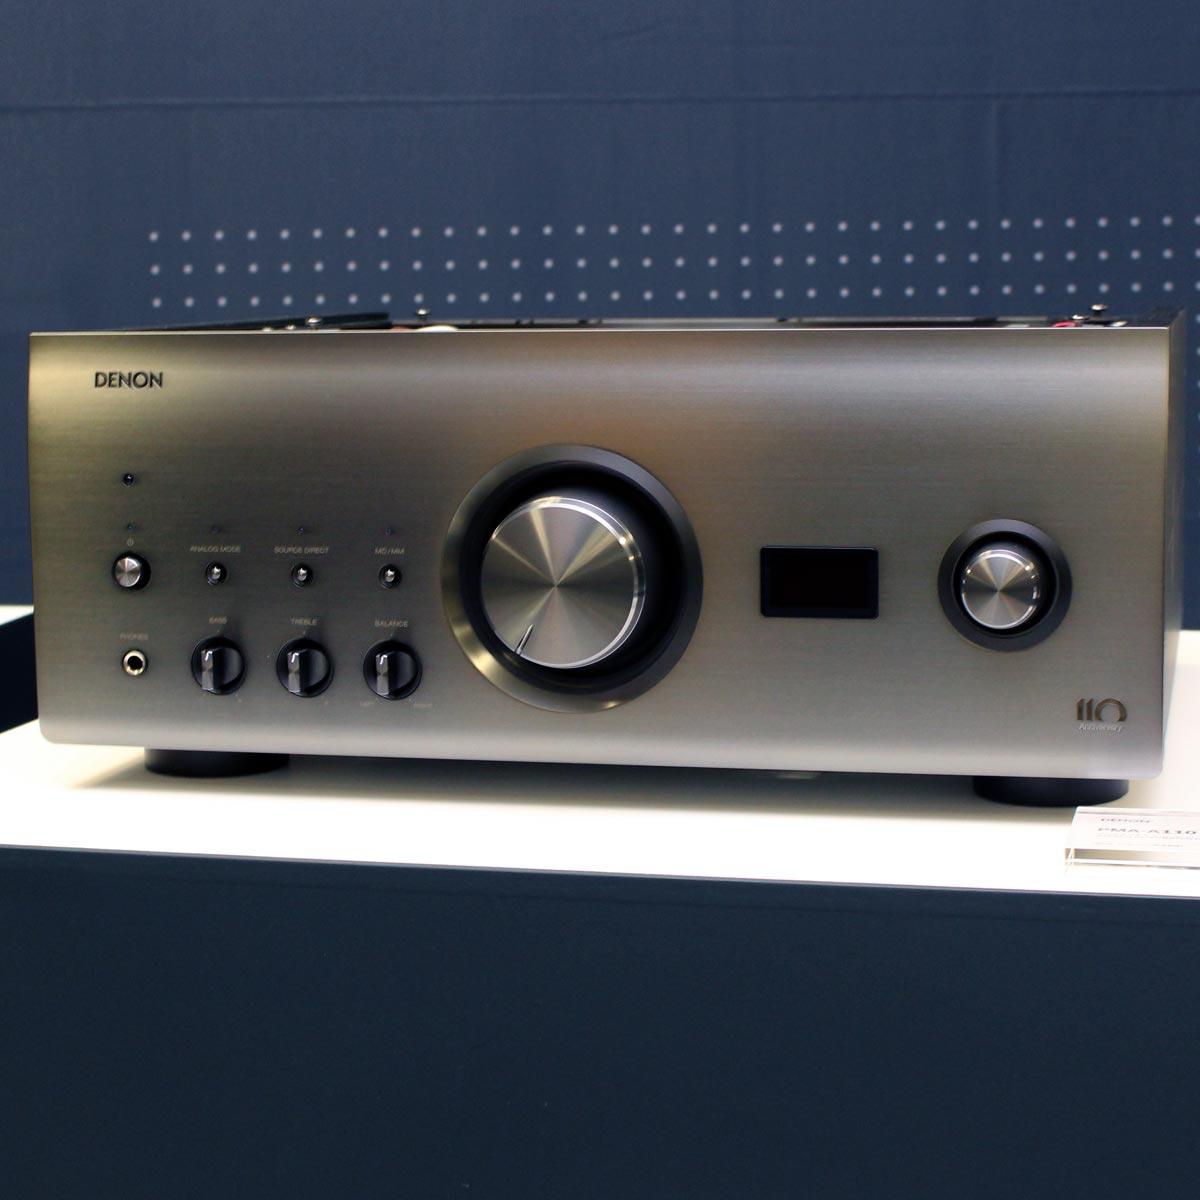 デノン110周年記念! 4つのアニバーサリーモデル「A110」シリーズが誕生